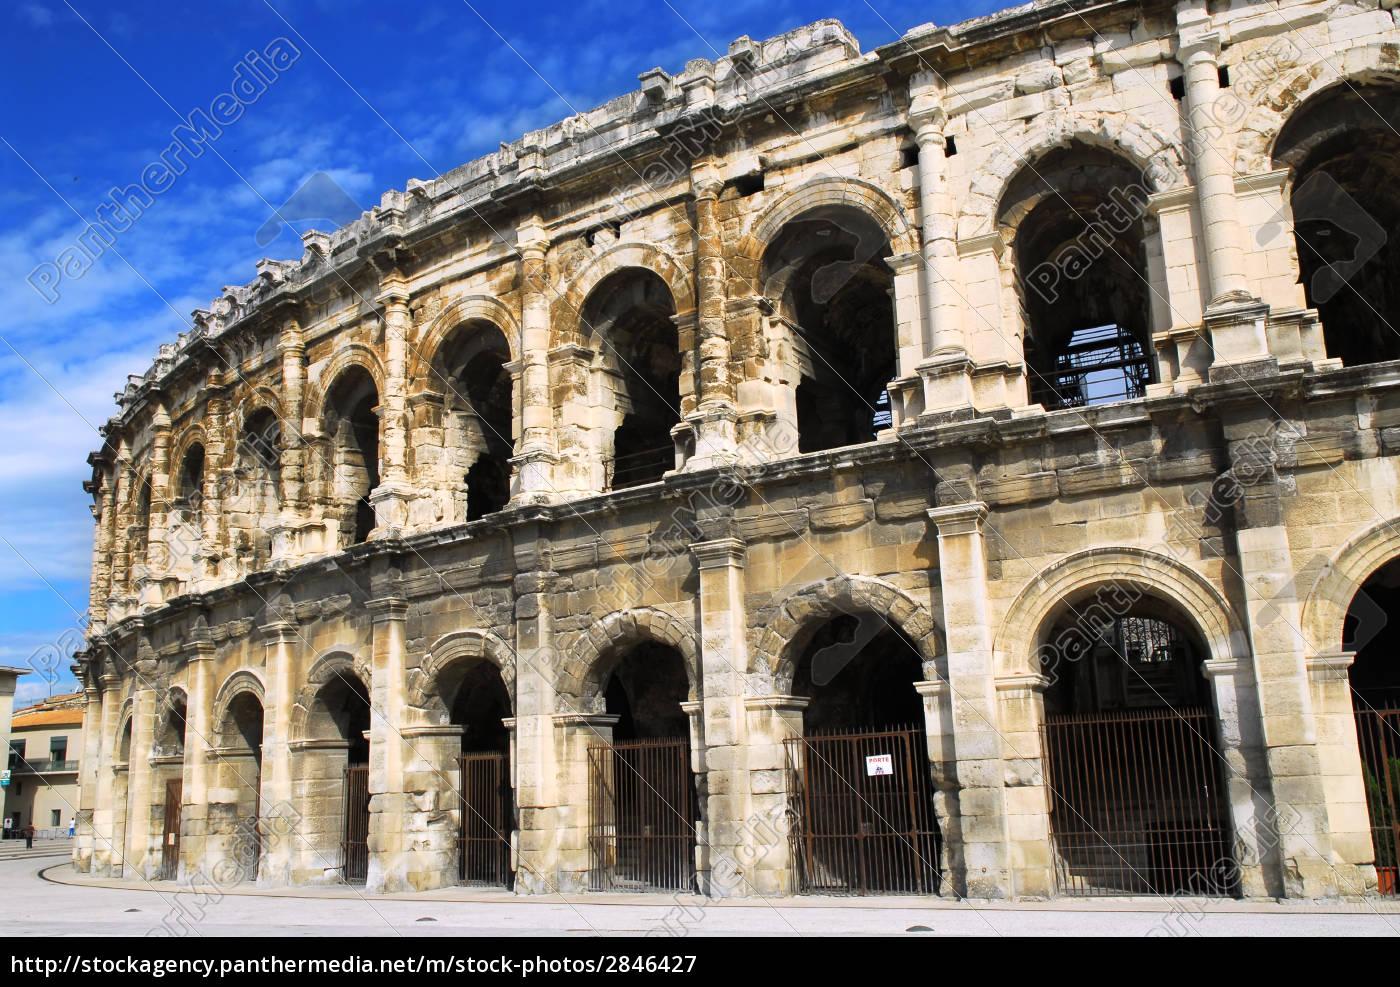 roman, arena, in, nimes, france - 2846427